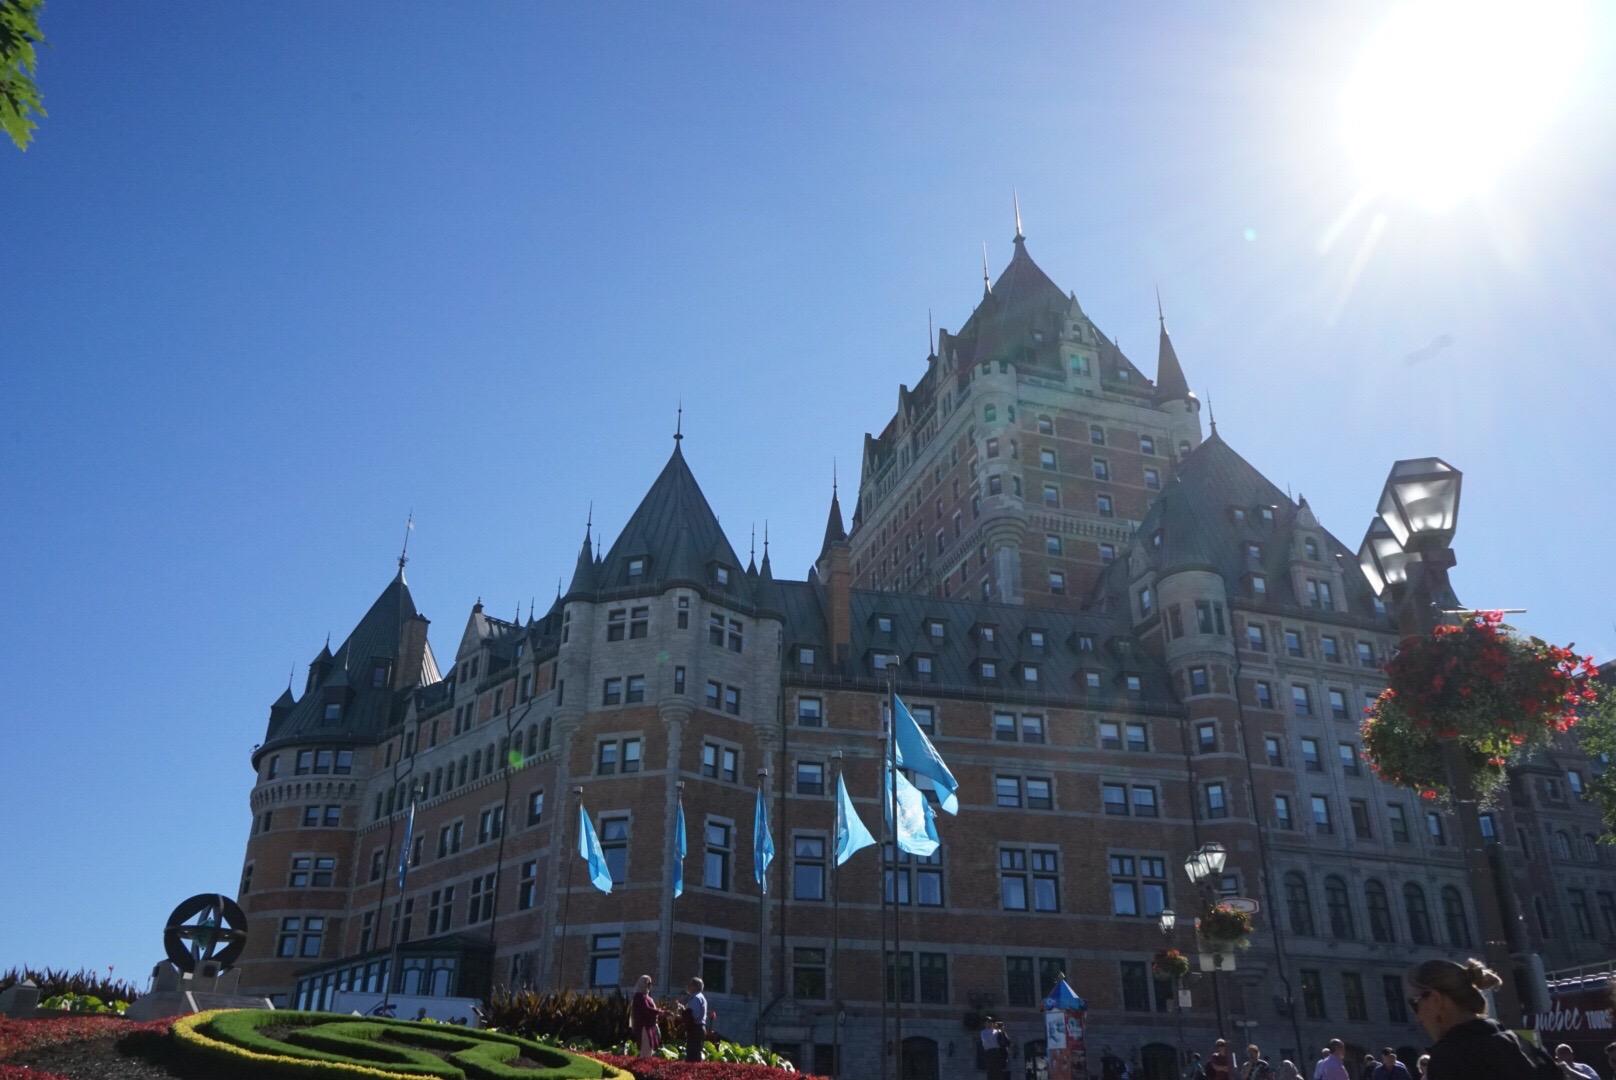 IMG 0003 - 【カナダ ケベックシティ】治安もいいし一人旅におすすめ。本当に北米のヨーロッパだった!